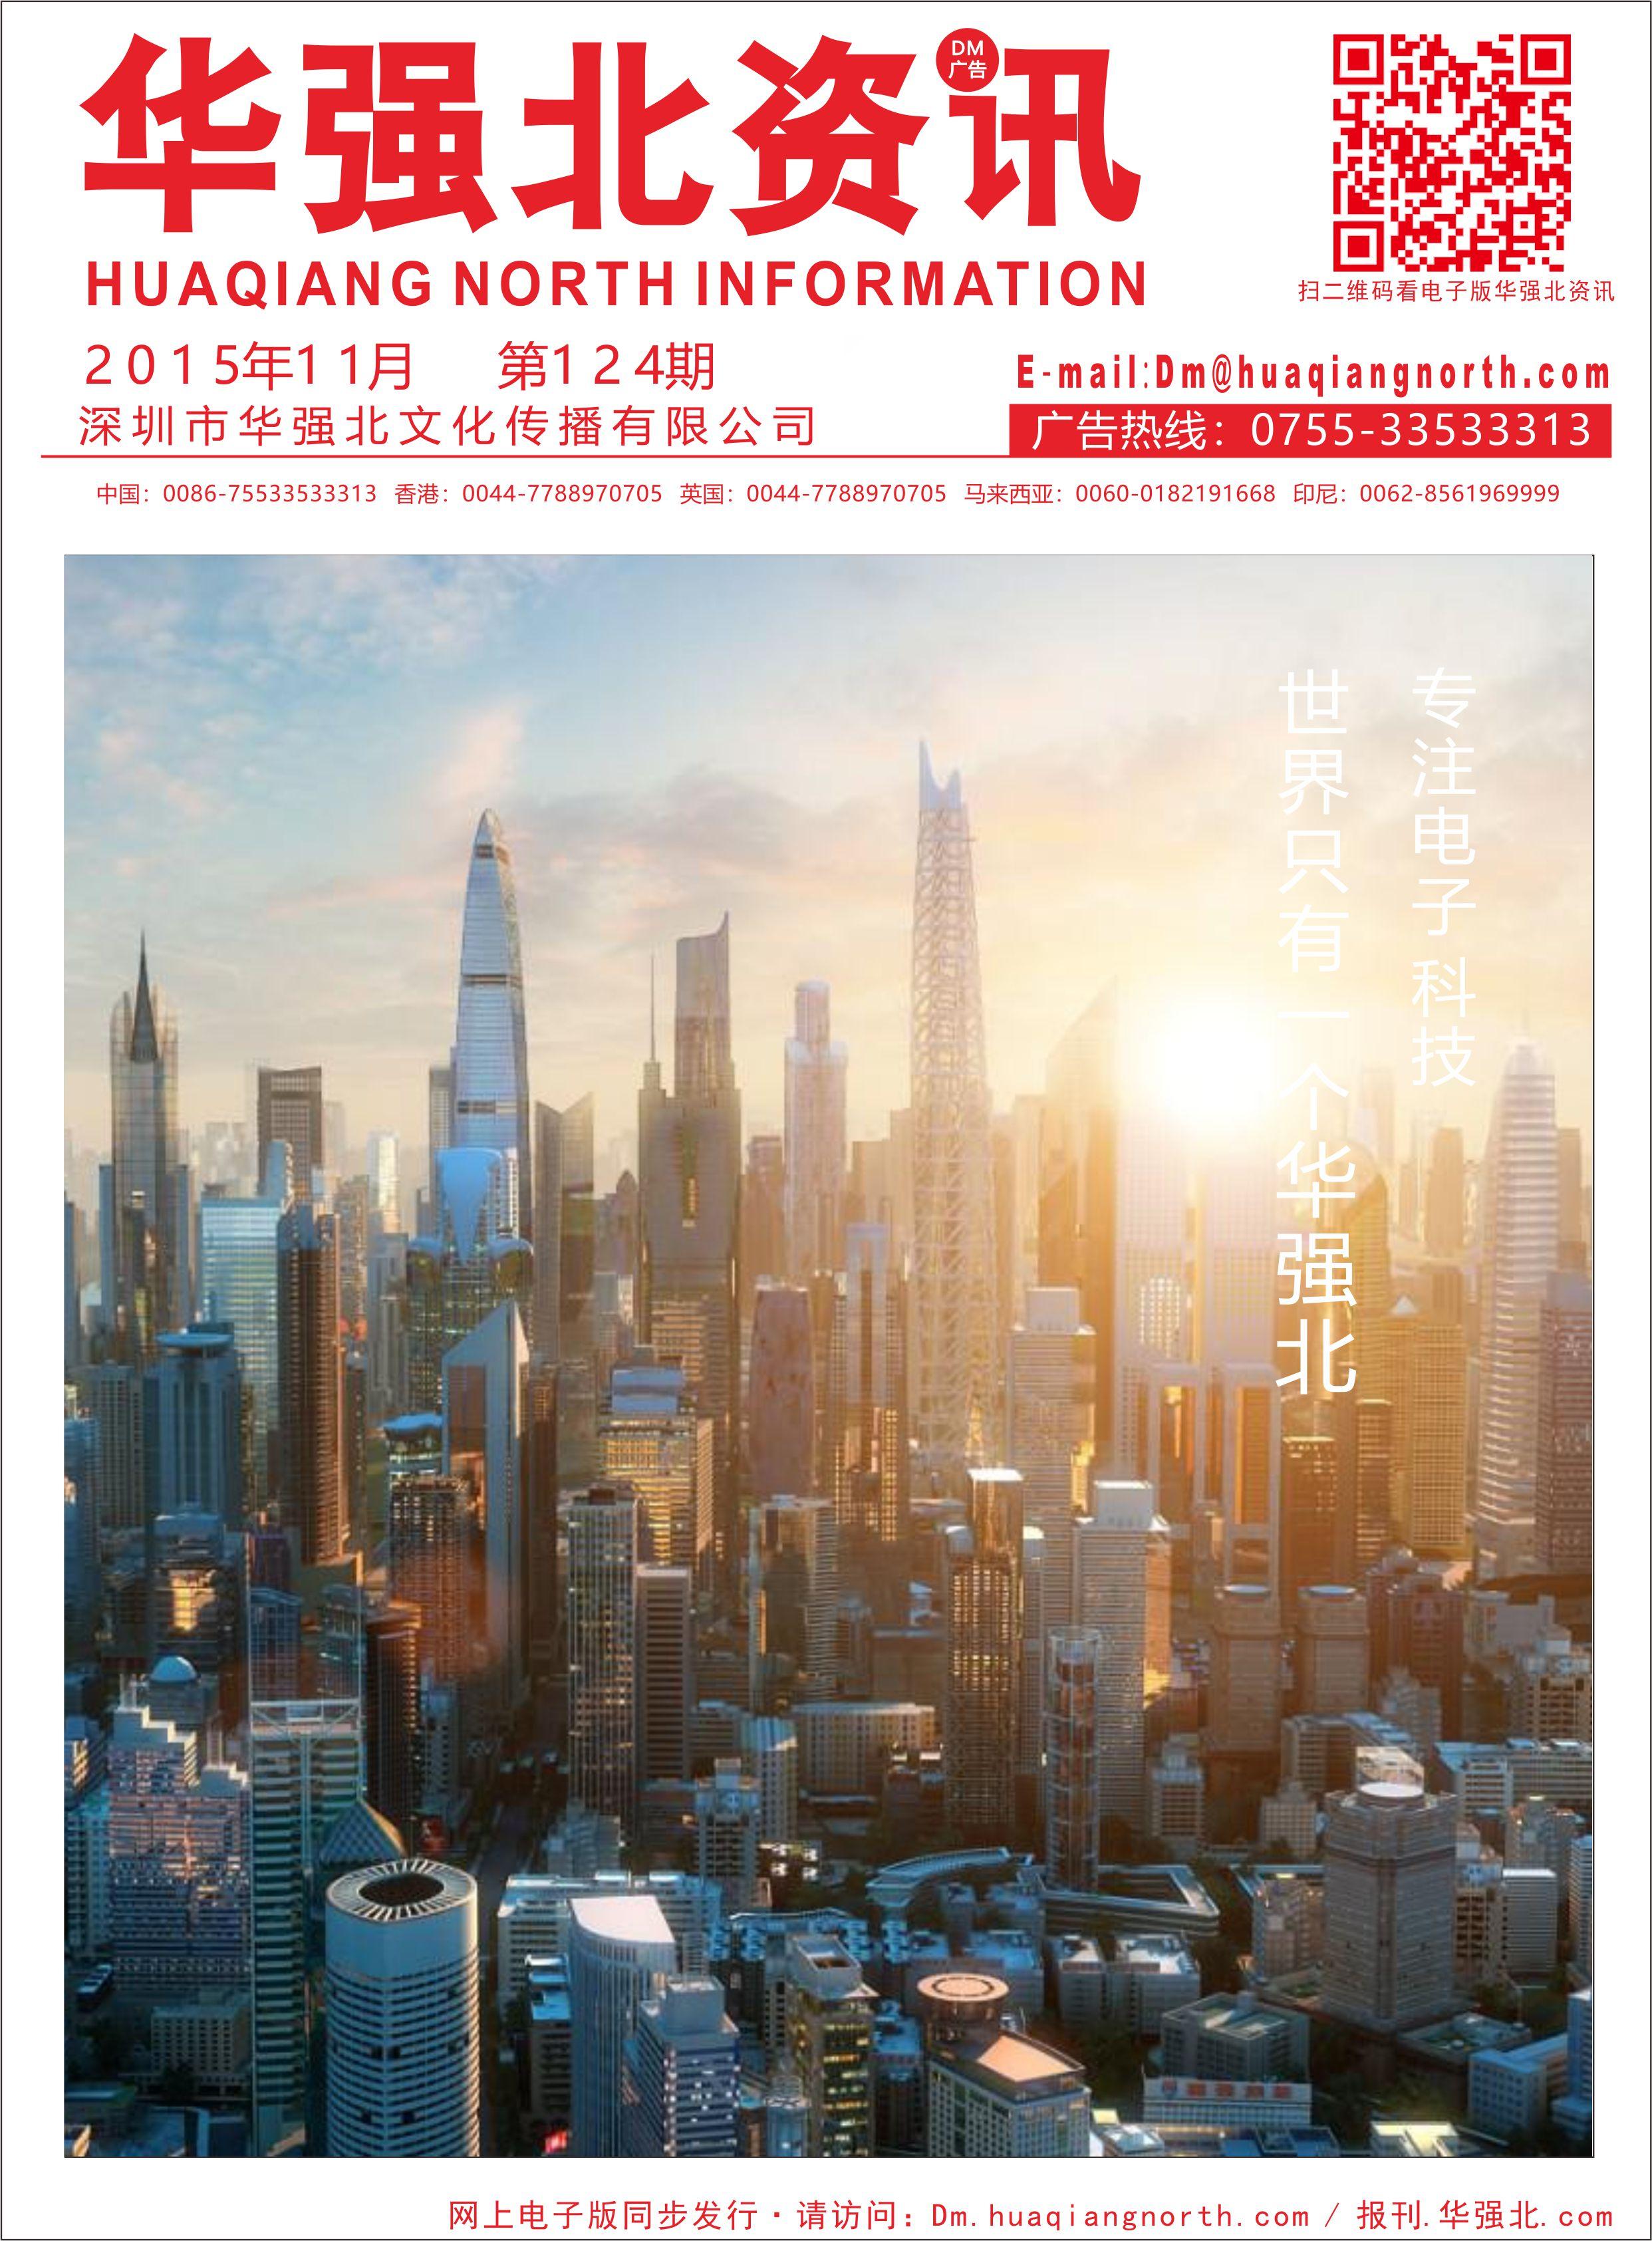 华强北资讯第124期